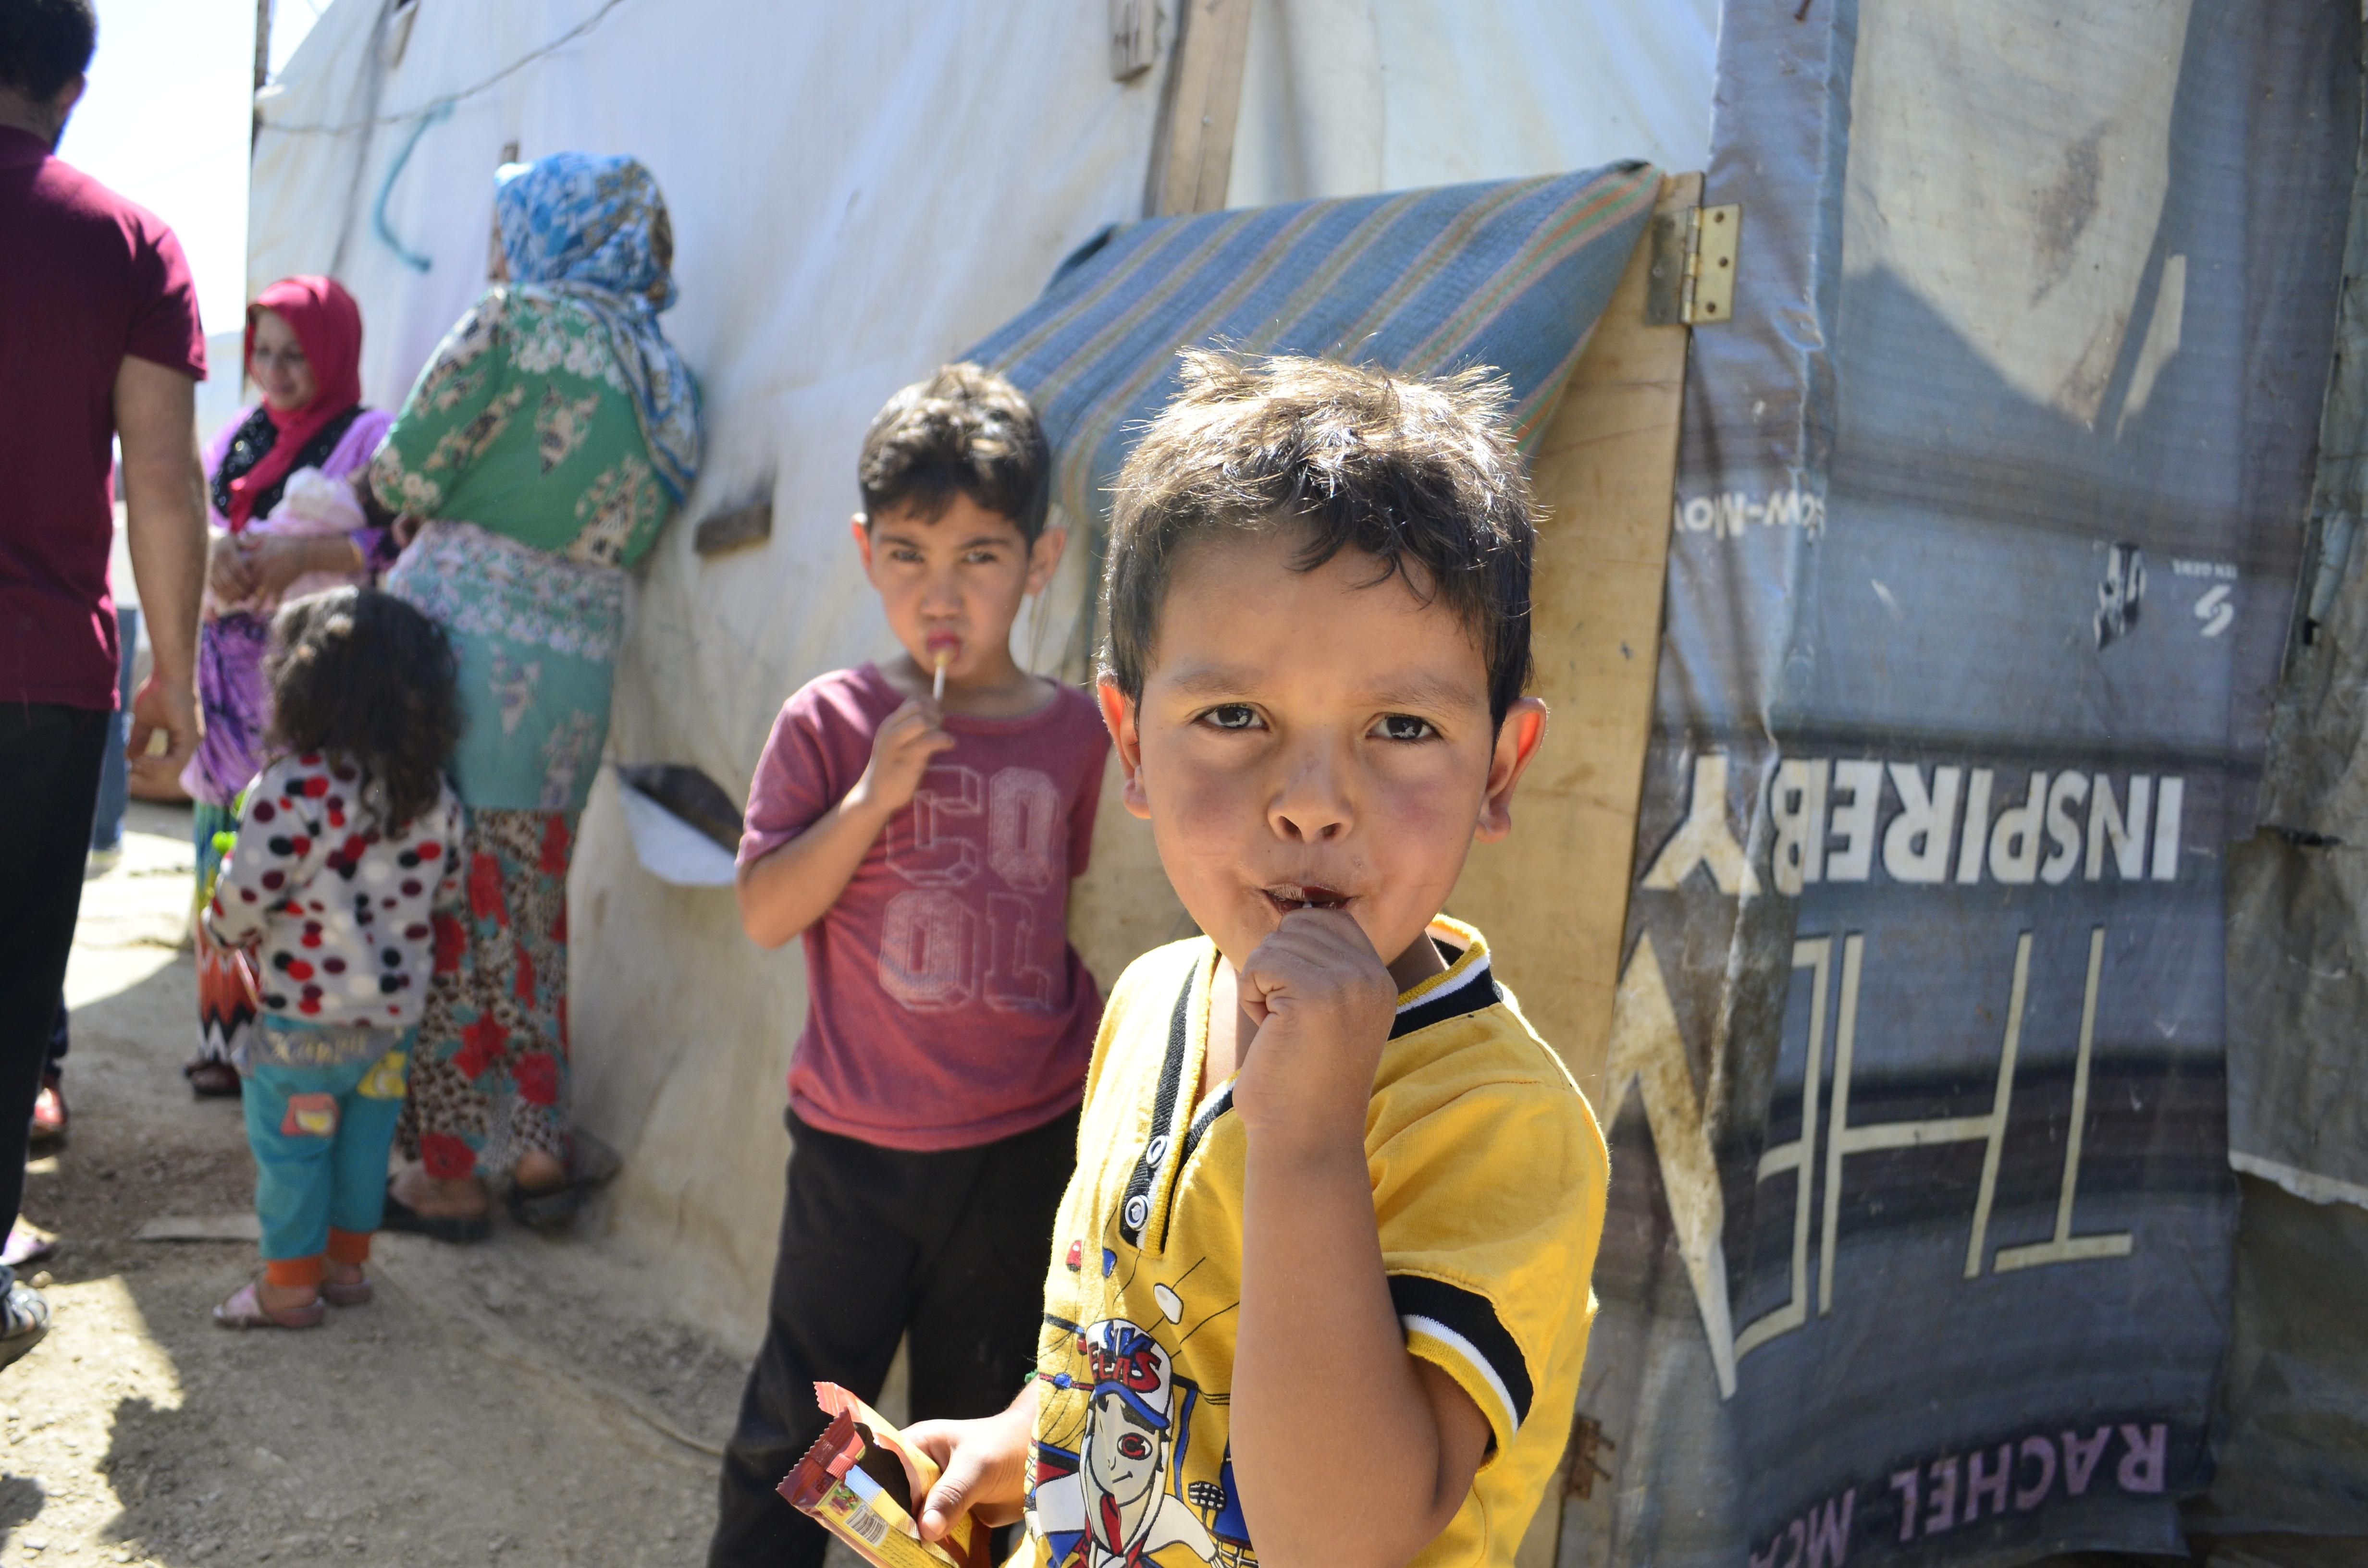 Exigen acceso inmediato para llegar a los niños que están aislados de ayuda humanitaria en Siria